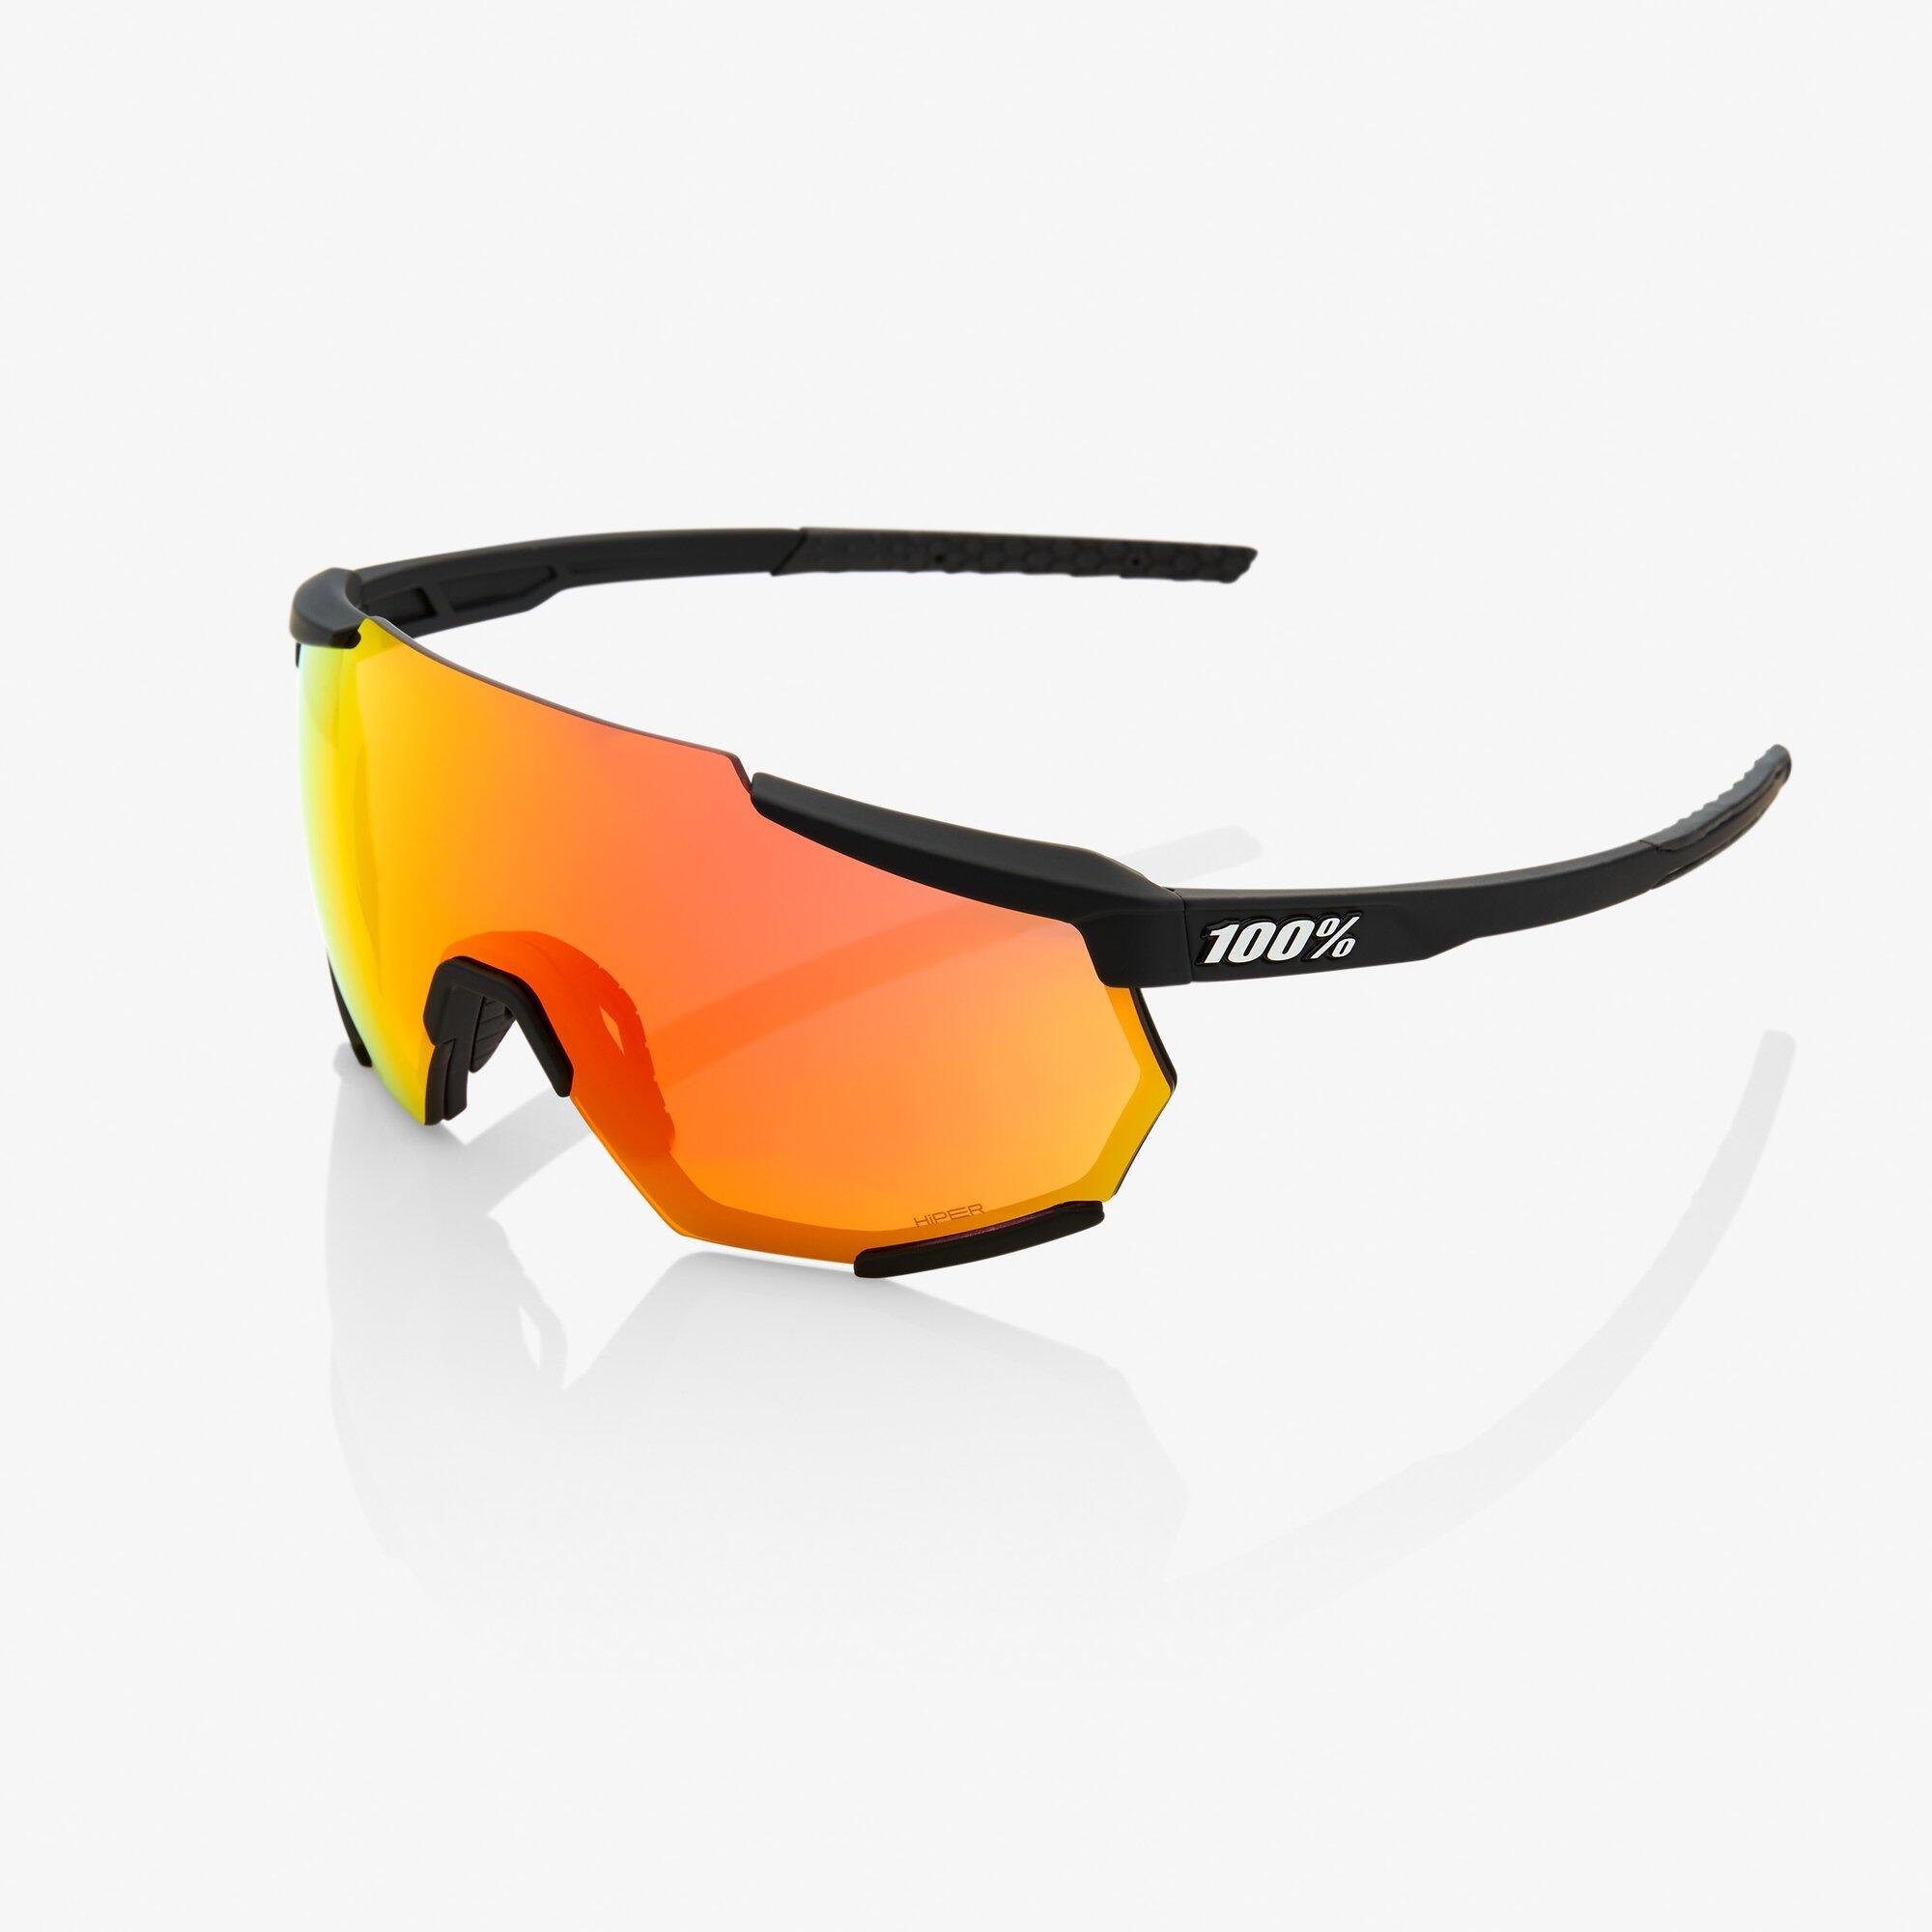 Racetrap - Soft Tact Black - Hiper Red Lens